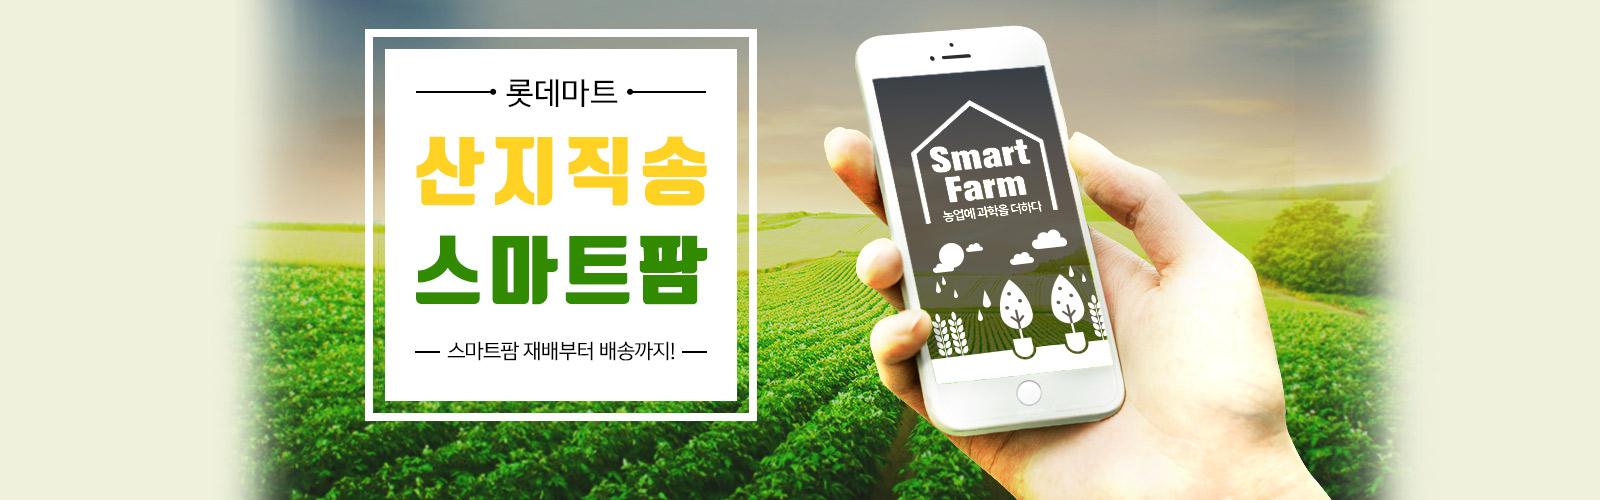 롯데마트 산지직송 스마트팜  스마트팜 재배붵 배송까지!